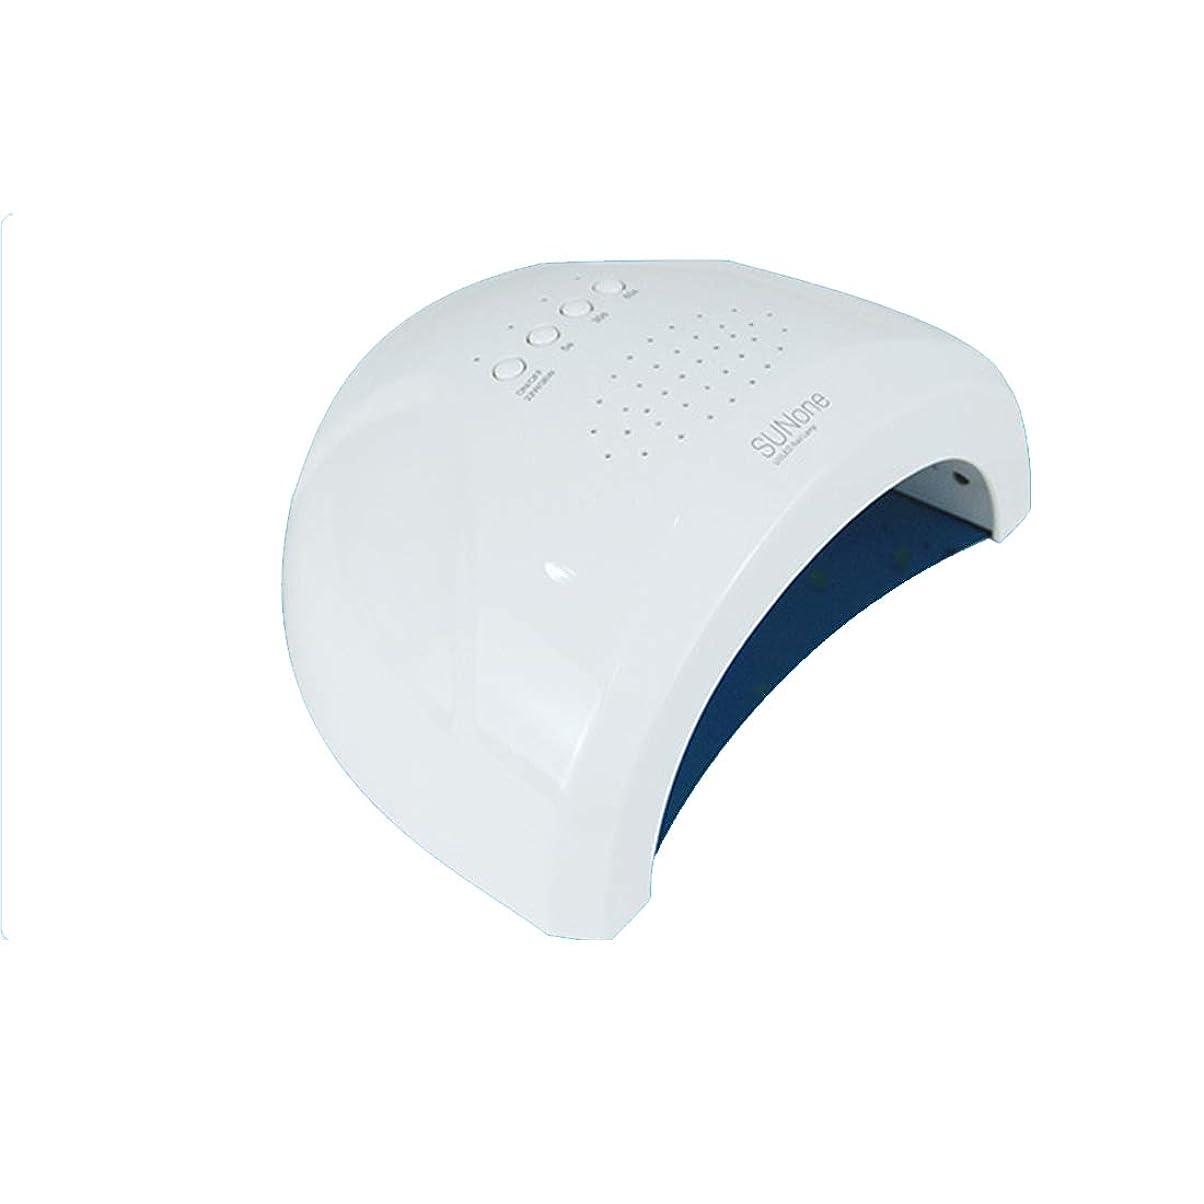 モットー同意する同様にKNlang ポータブルLEDネイルランプ - 爪ドライヤーLEDゲルジェル専門的に硬化